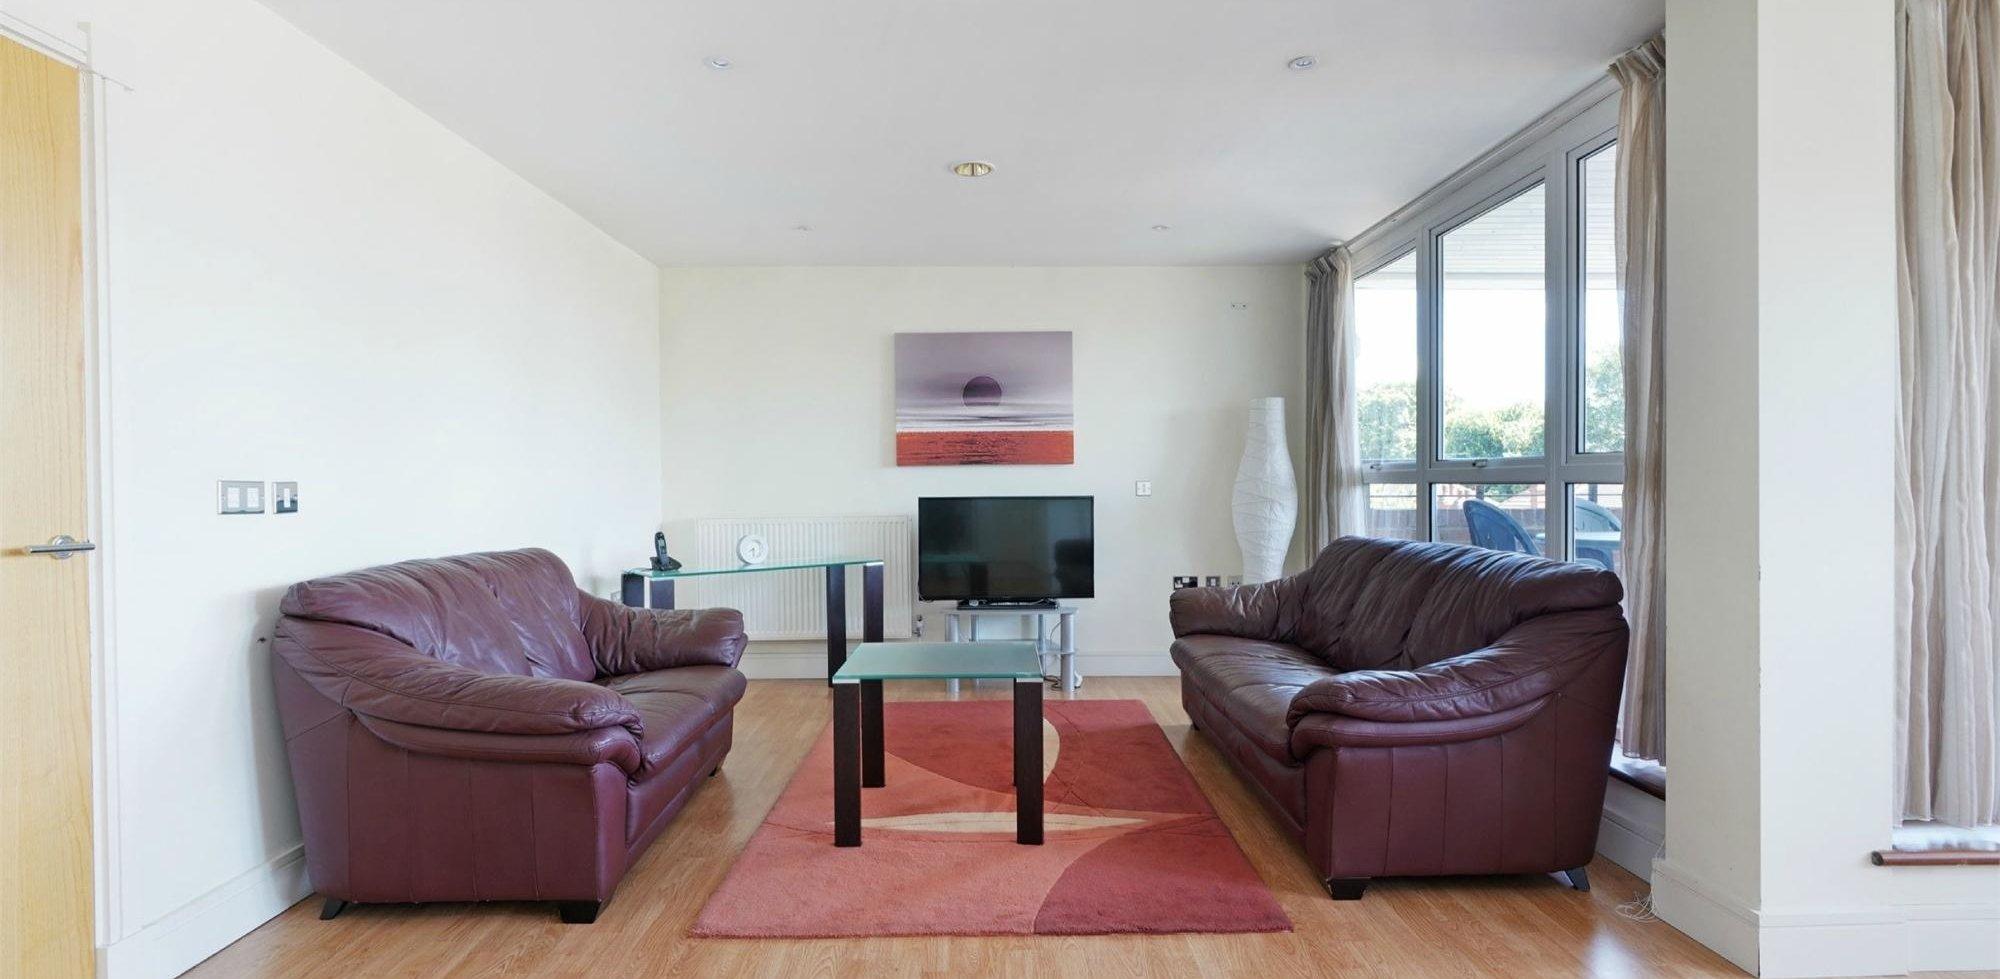 imagini oficiale nouă calitate bună Flat To Rent in Park West Apartments, Uxbridge Road, LONDON